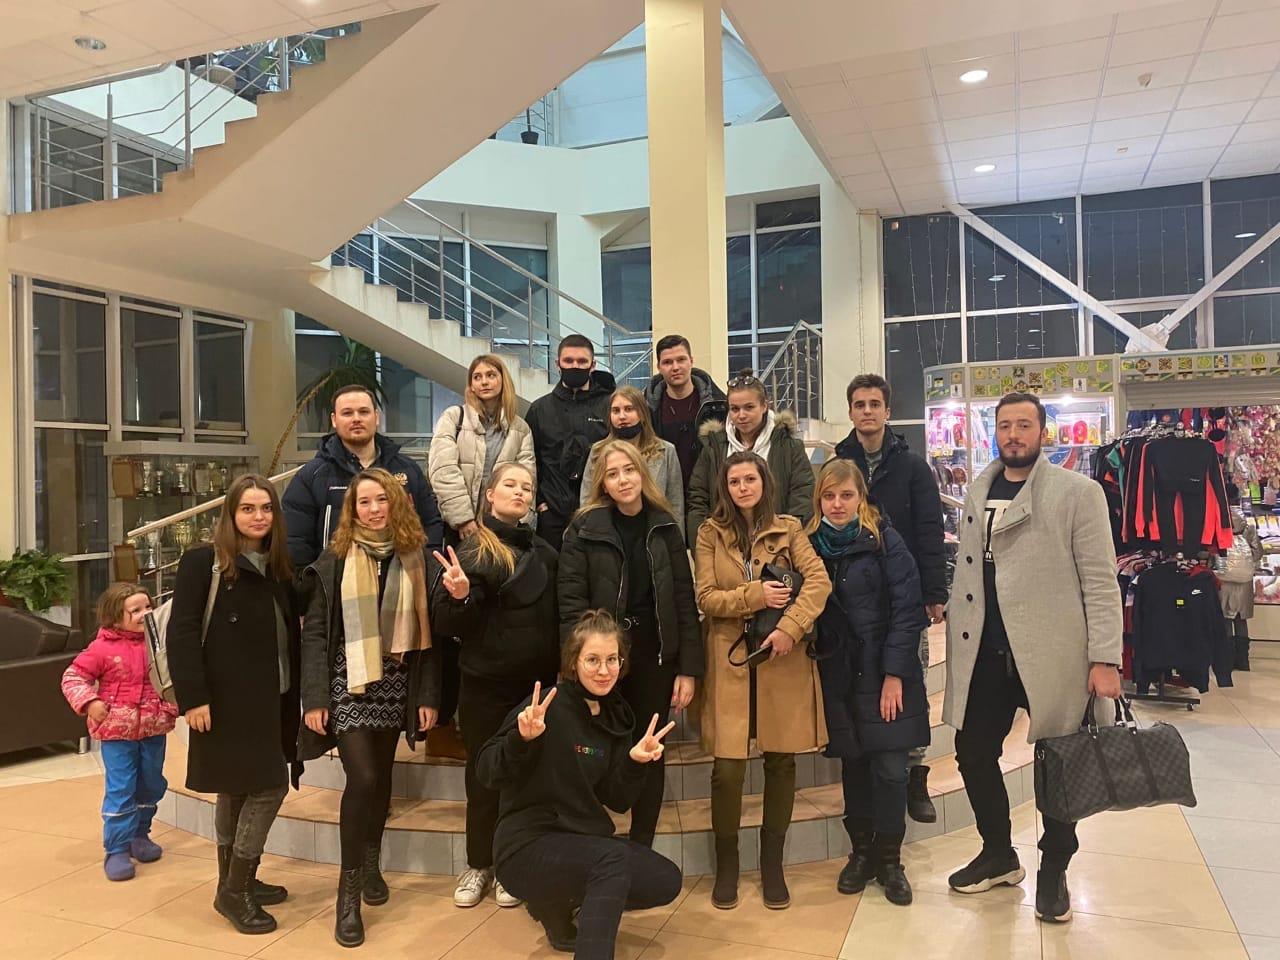 Представители Молодежной палаты Десеновского приняли участие во встрече блогеров